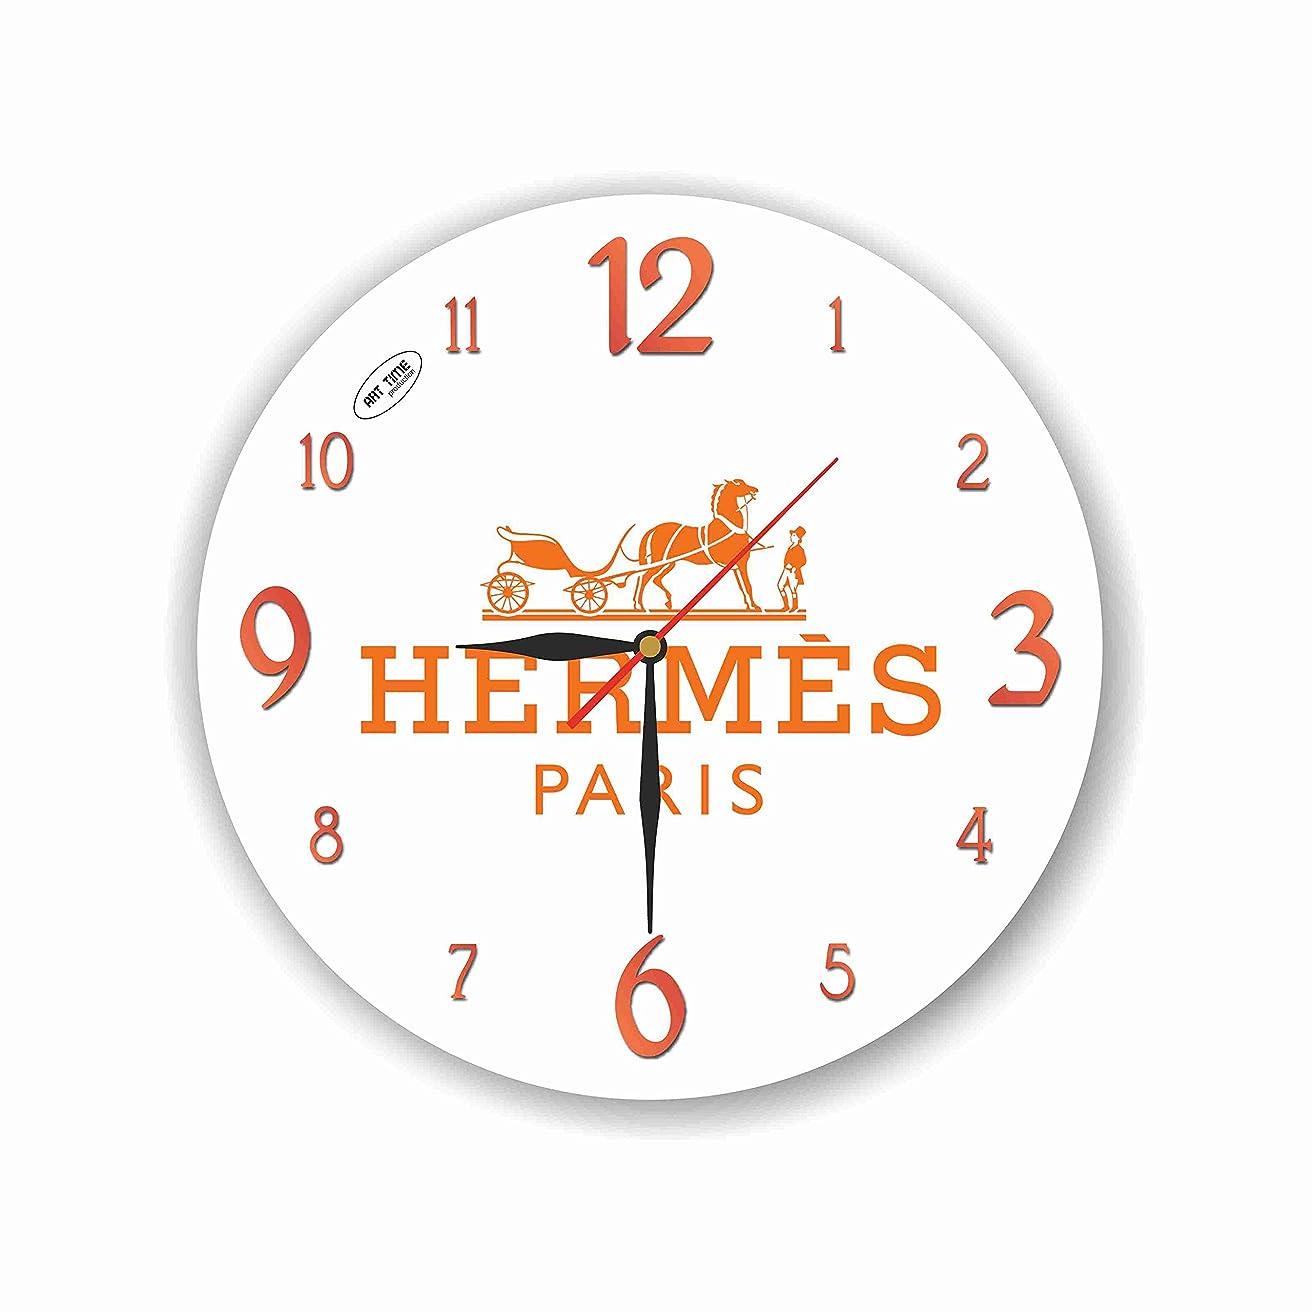 スイング仕事に行く子供達Hermes 11'' 壁時計 (エルメス) あなたの友人のための最高の贈り物。あなたの家のためのオリジナルデザイン